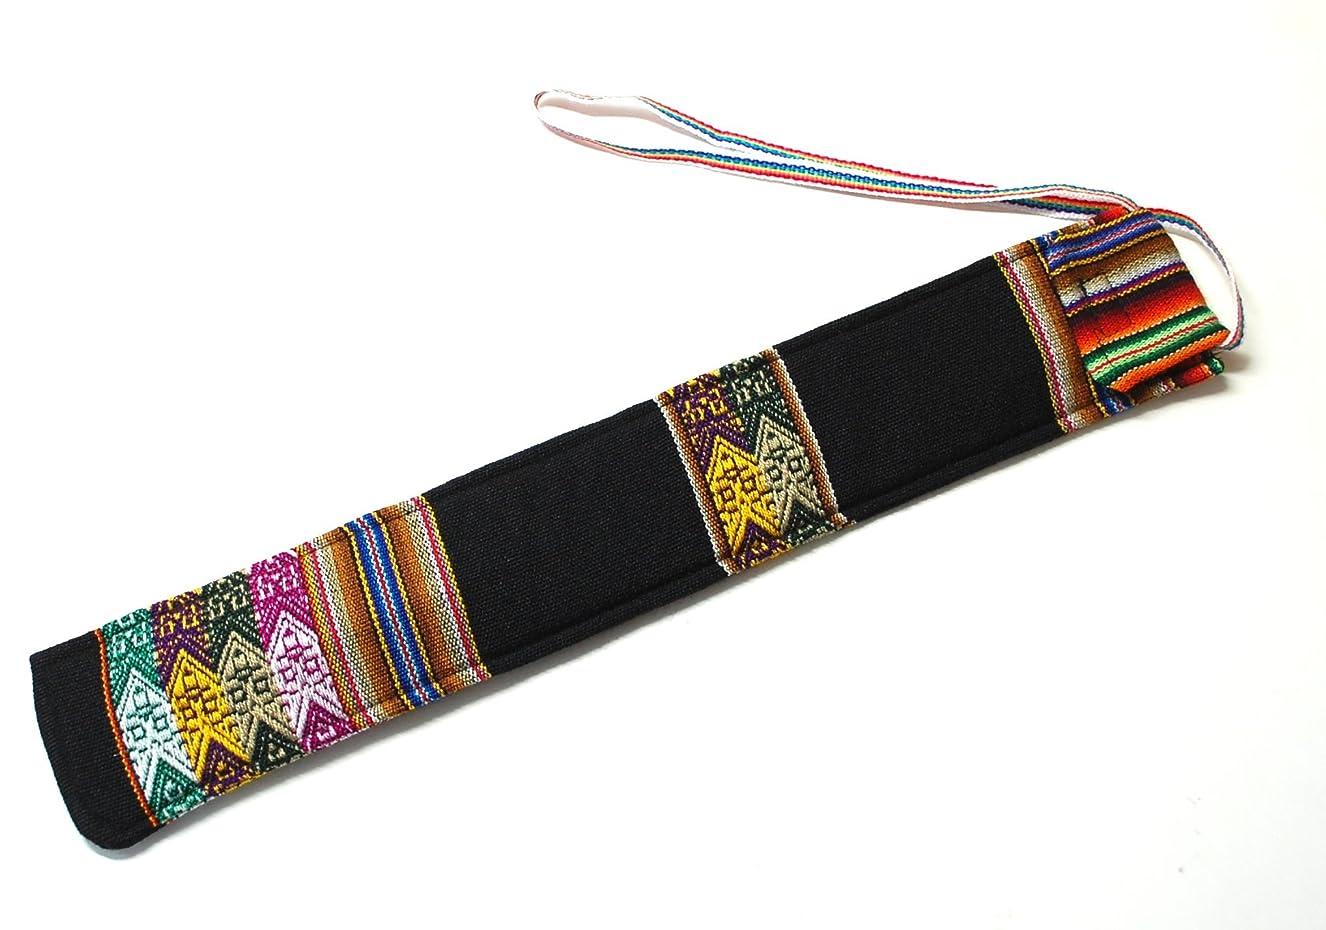 サークル既にバクテリア【QUENA SOFT CASE BLACK 】民族楽器ケーナ用の布ケース G管用のケーナ アンデス織物アワイヨ柄布のベース色はブラック(黒)